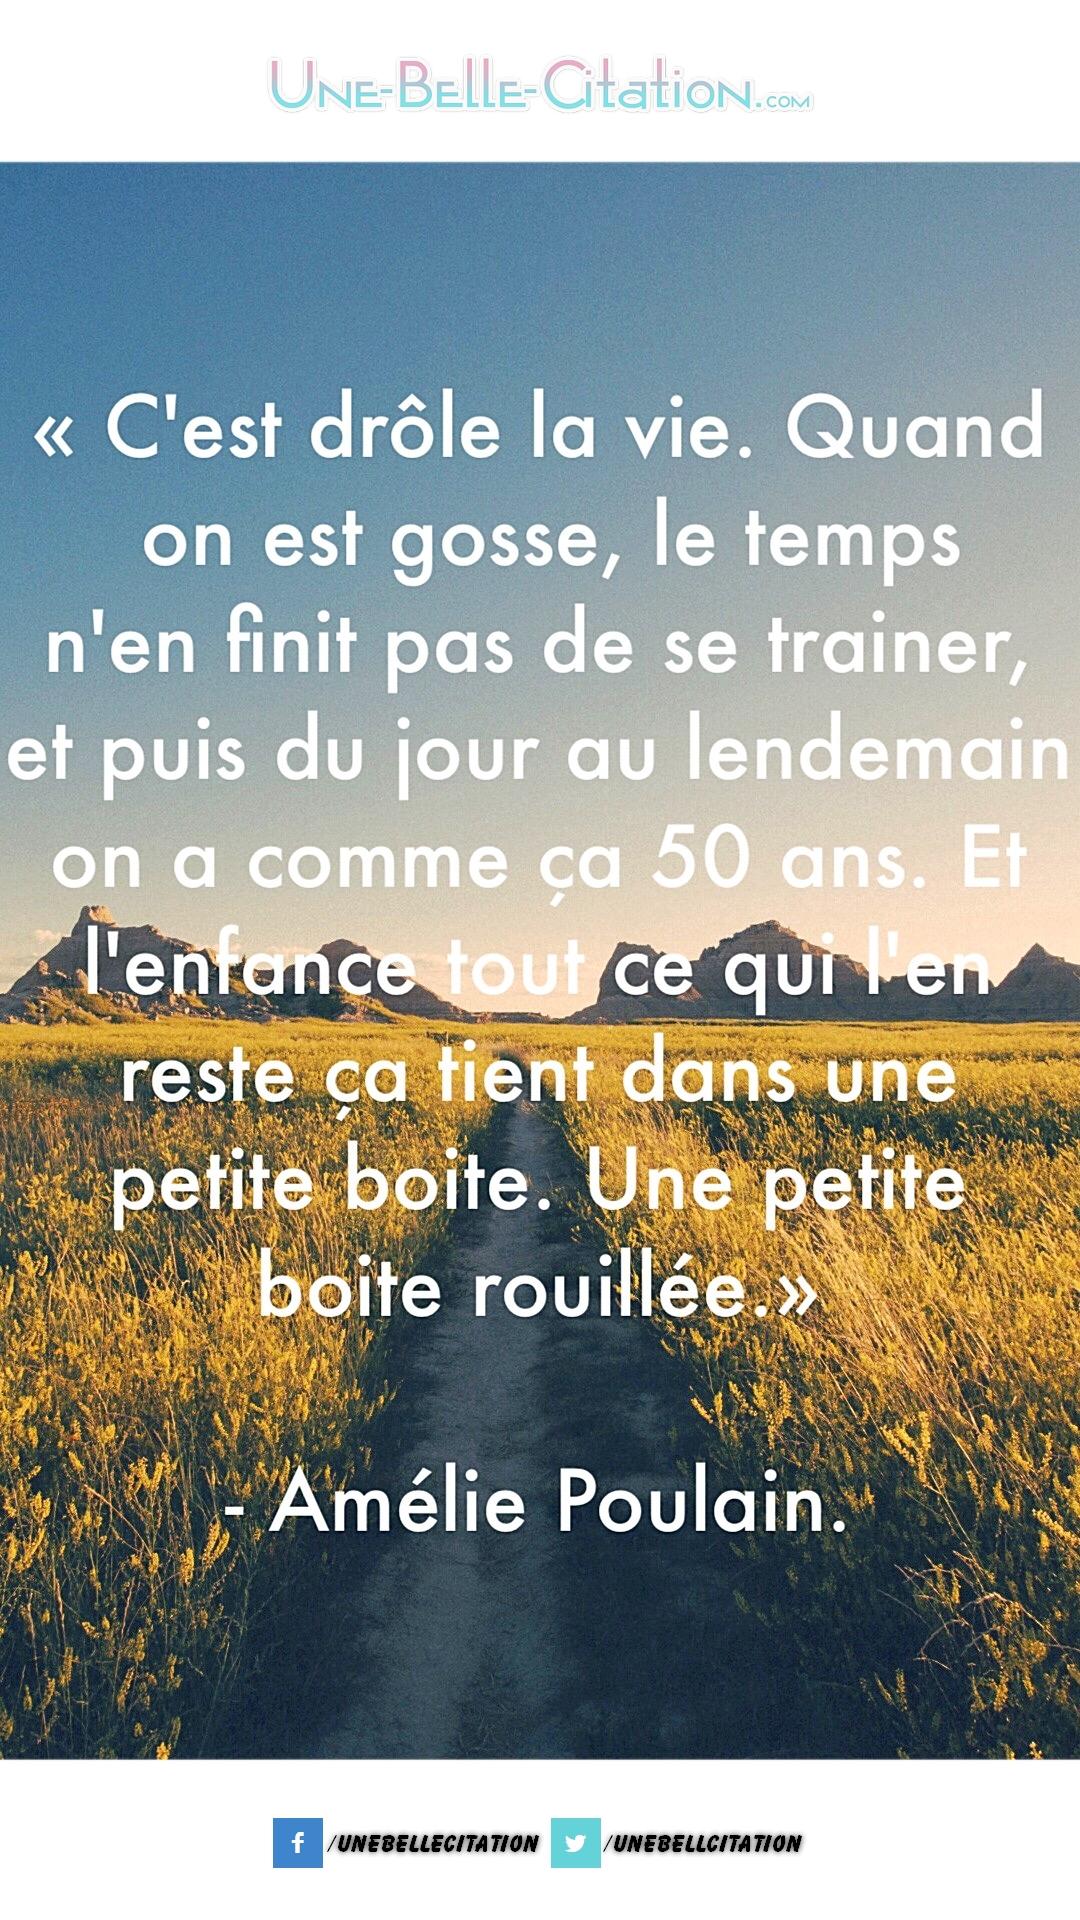 « C'est drôle la vie quand on est gosse le temps n'en finit pas de traîner, et puis du jour au lendemain on a comme ça 50 ans, et l'enfance tout ce qui l'en reste ça tient dans une petite boite. Une petite boite rouillée. » – Amélie Poulain